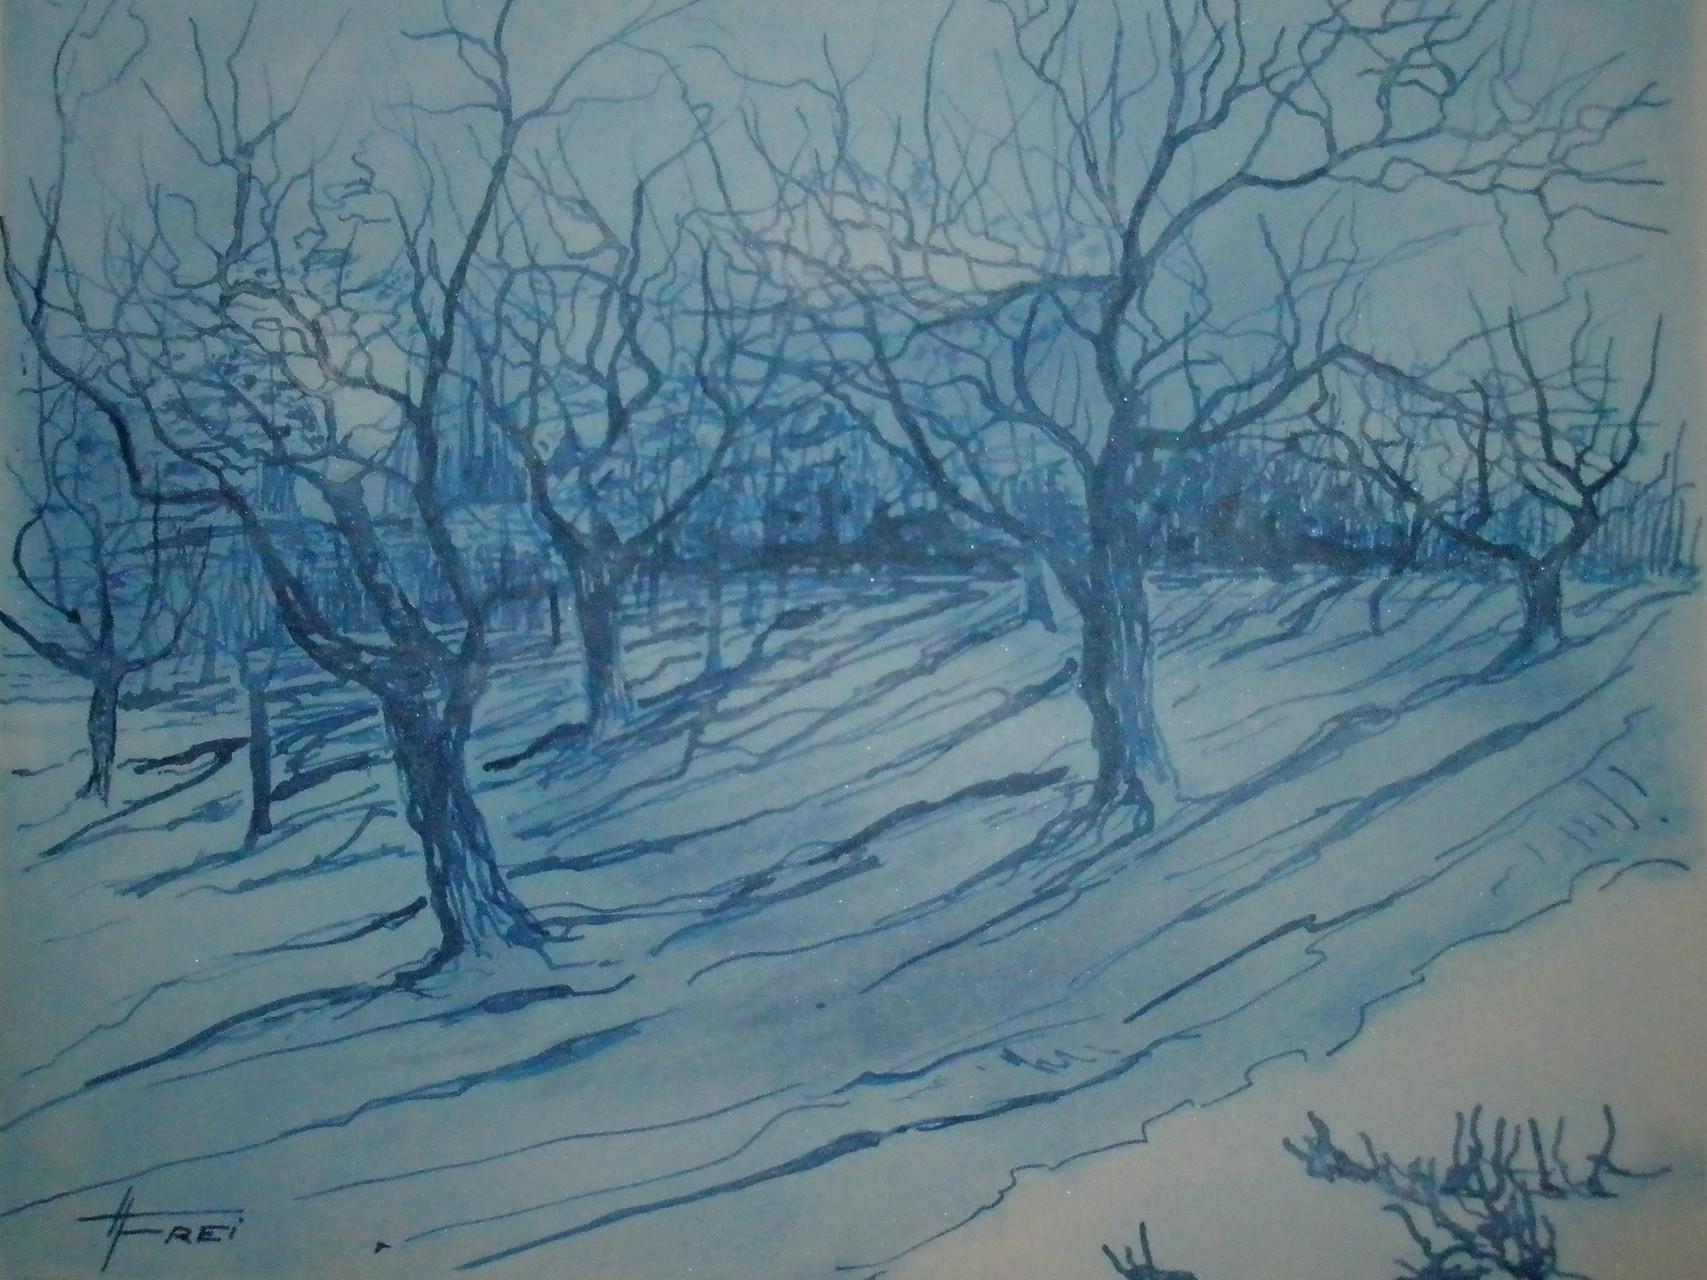 """ART HFrei - """"Bäume nach Van Gogh"""" - Tusche - 2007"""